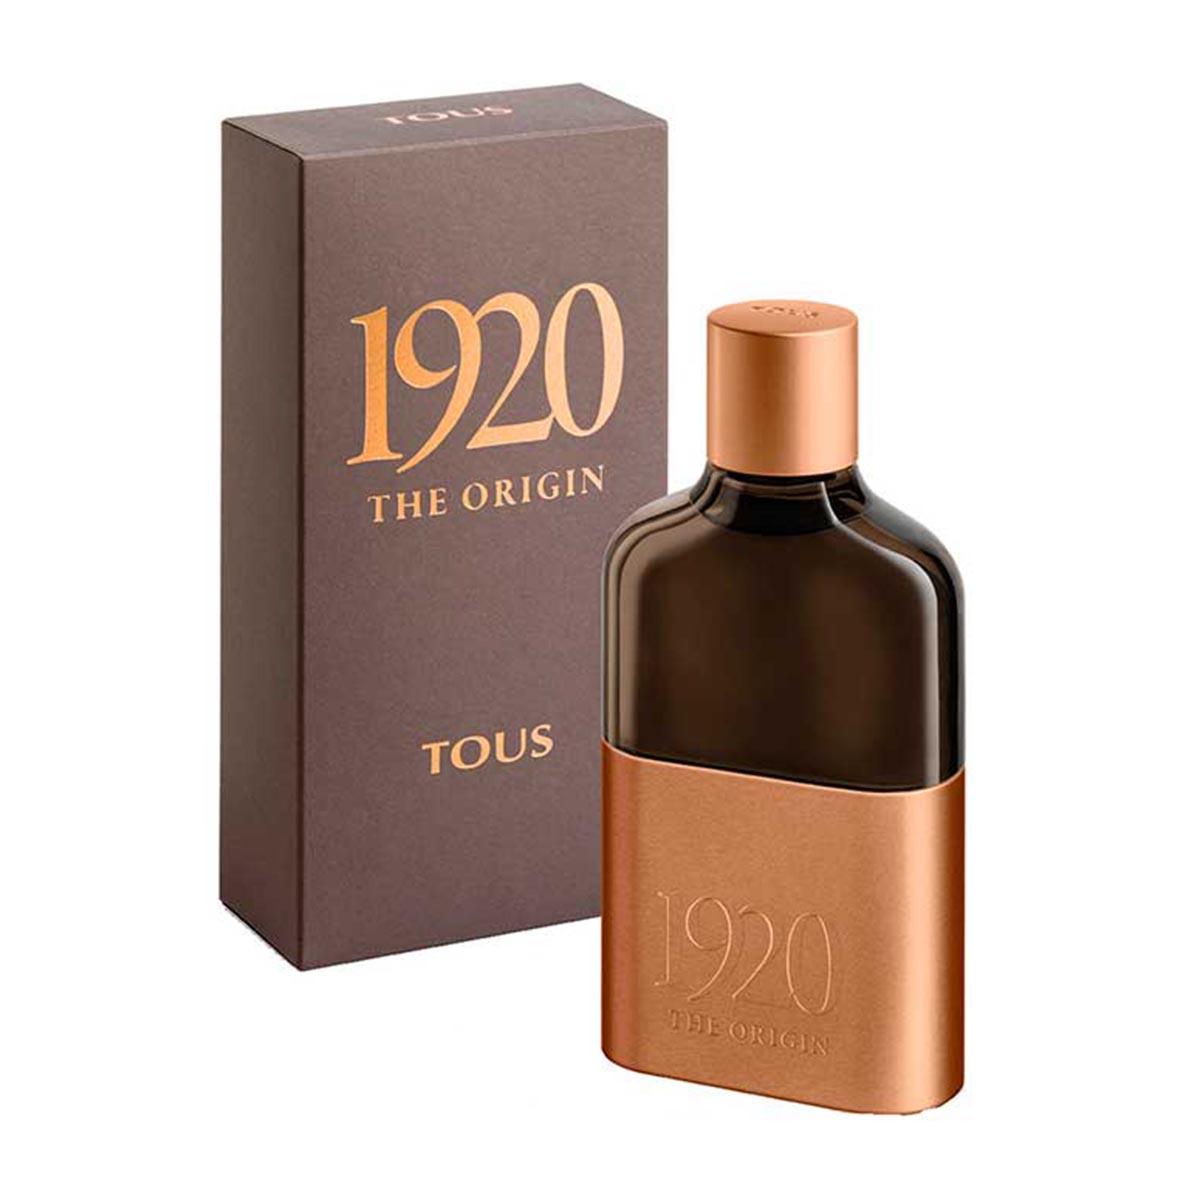 Tous 1920 the origin eau de parfum pour homme 100ml vaporizador